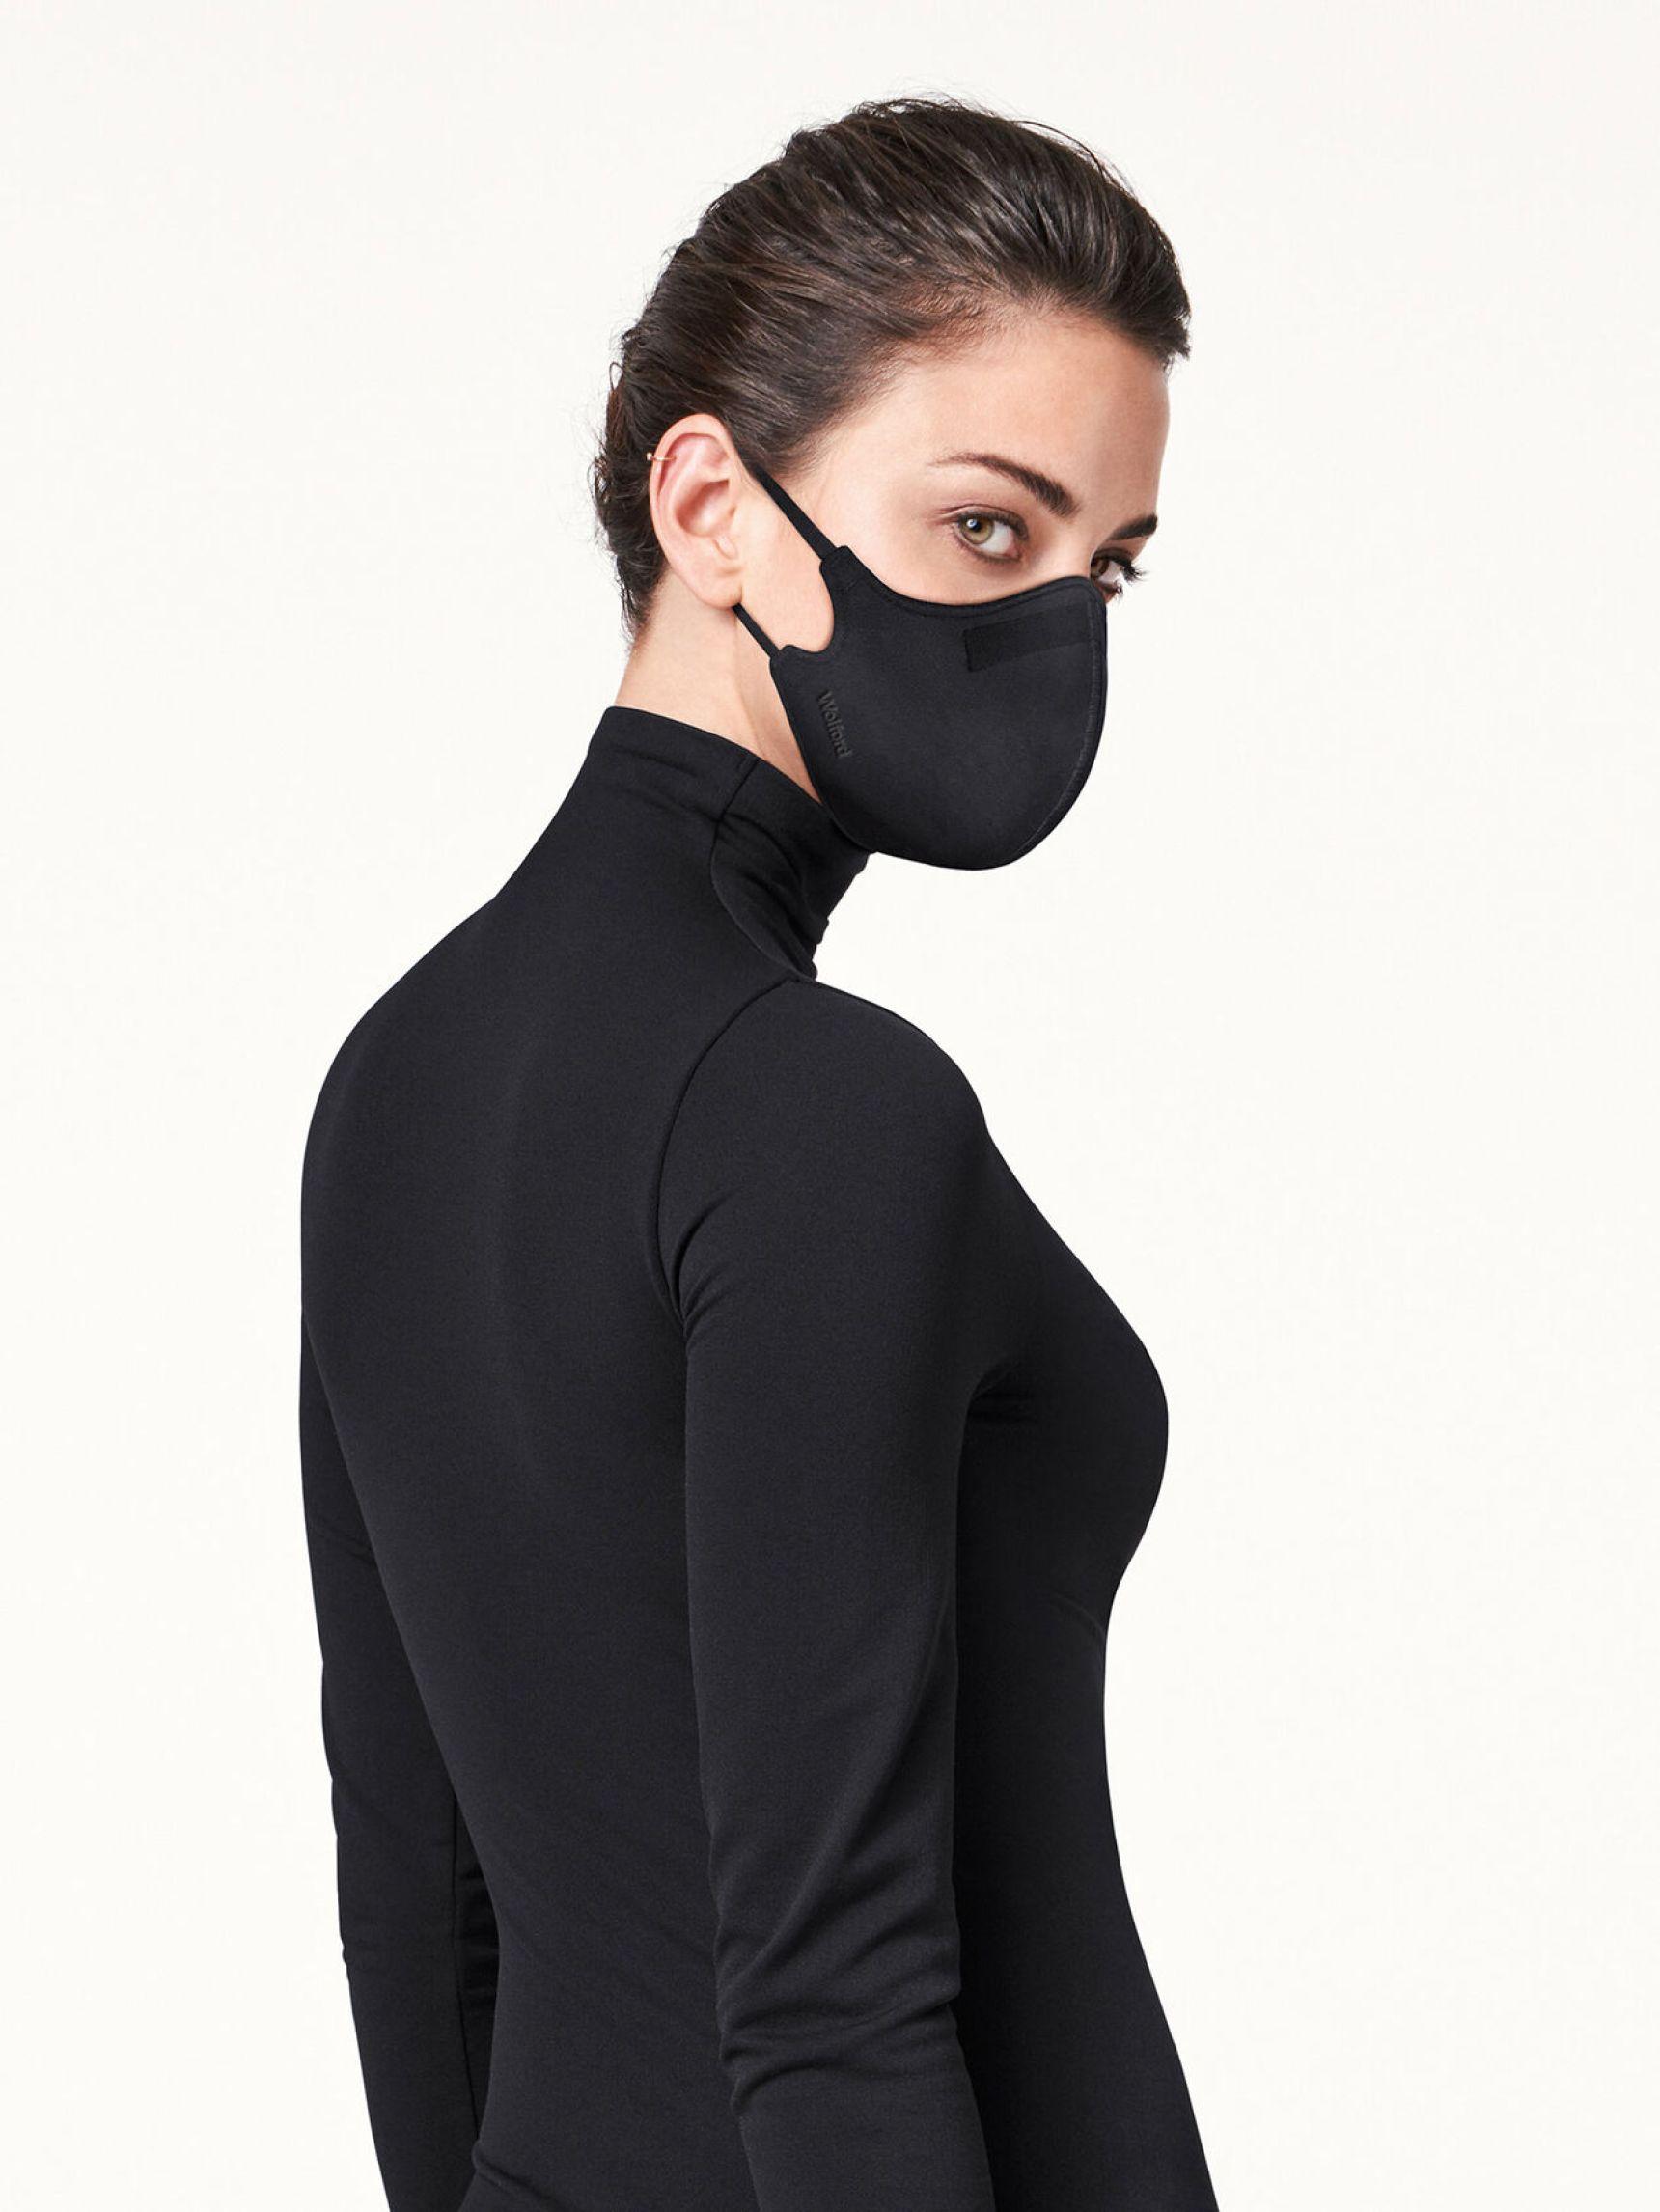 Classic Mask